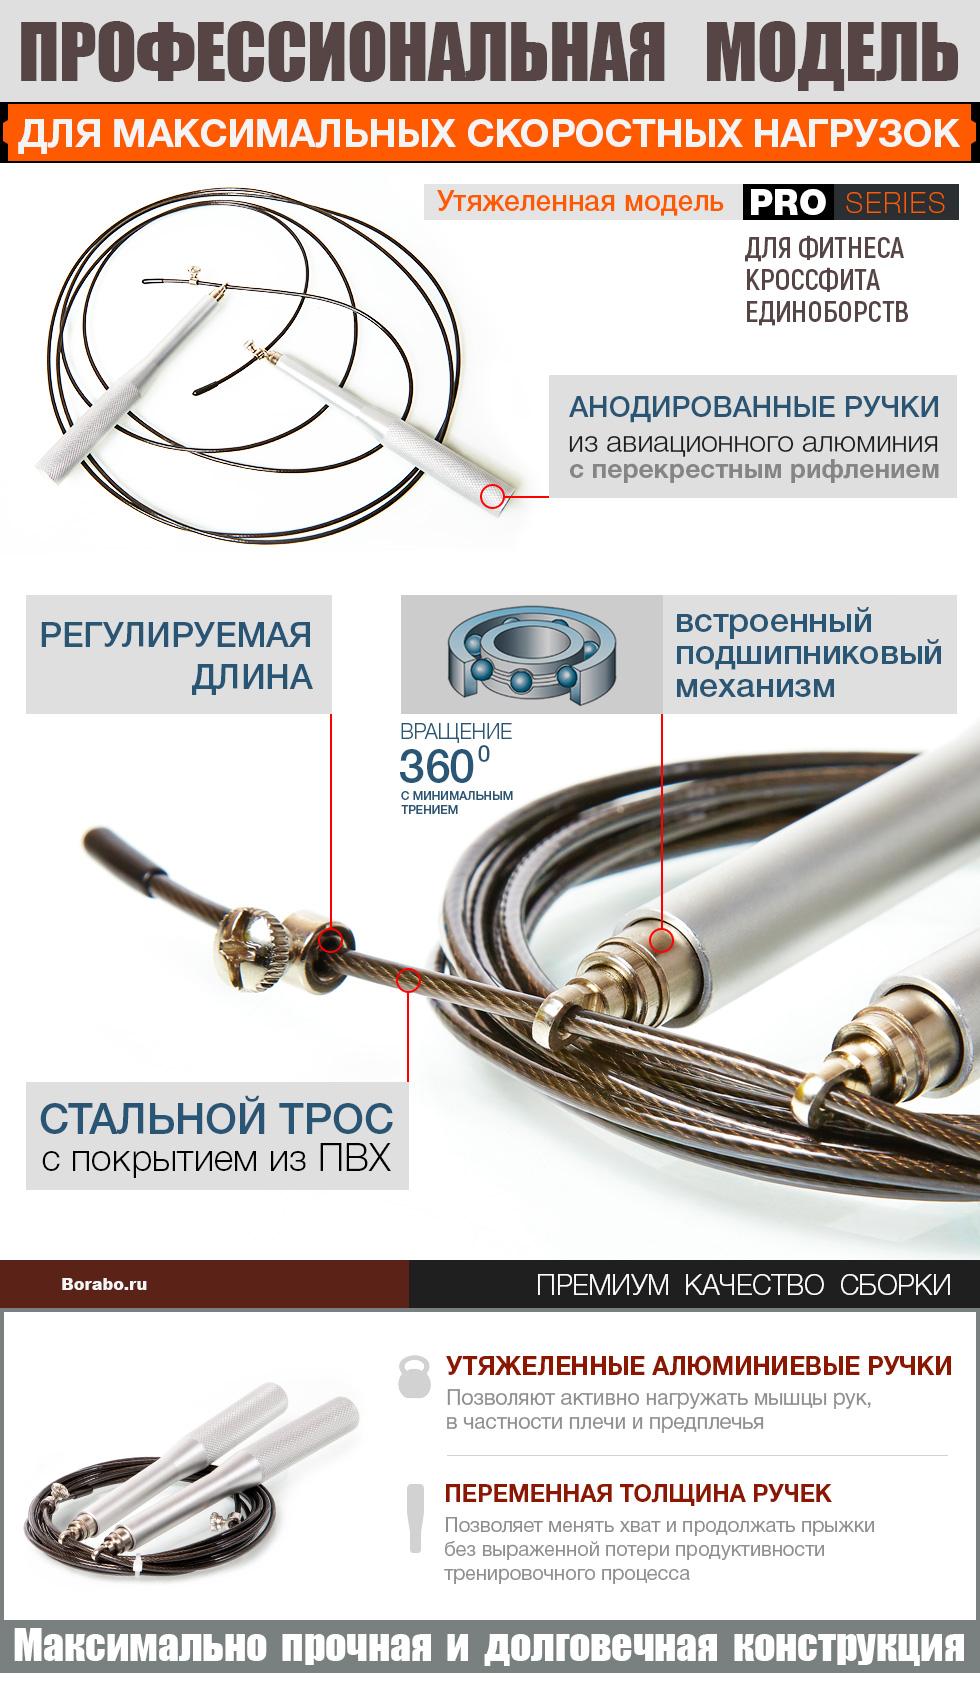 Жгуты для тренировок в Украине Сравнить цены, купить